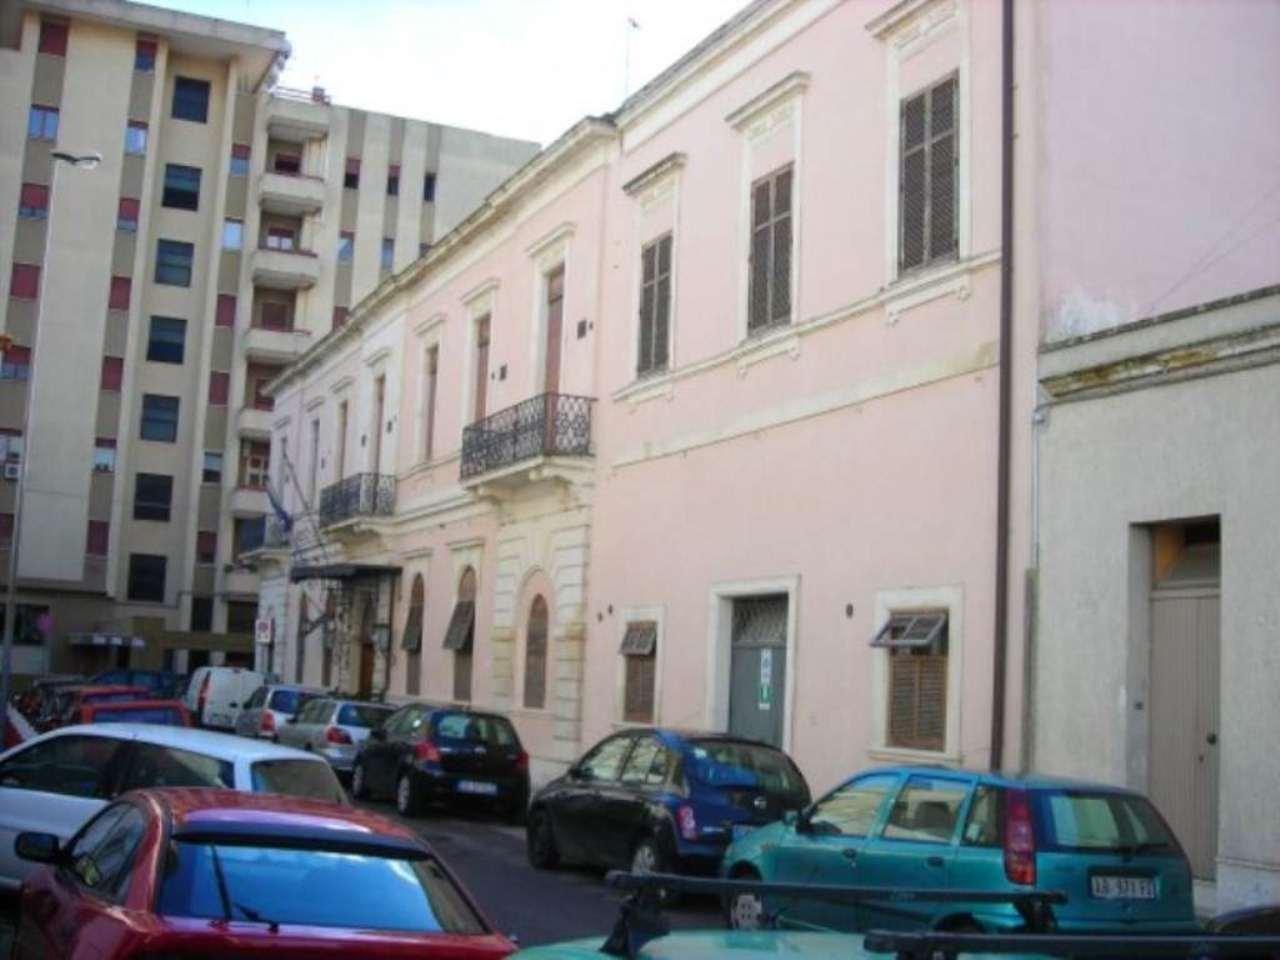 Albergo in vendita a Lecce, 36 locali, prezzo € 1.300.000 | Cambio Casa.it